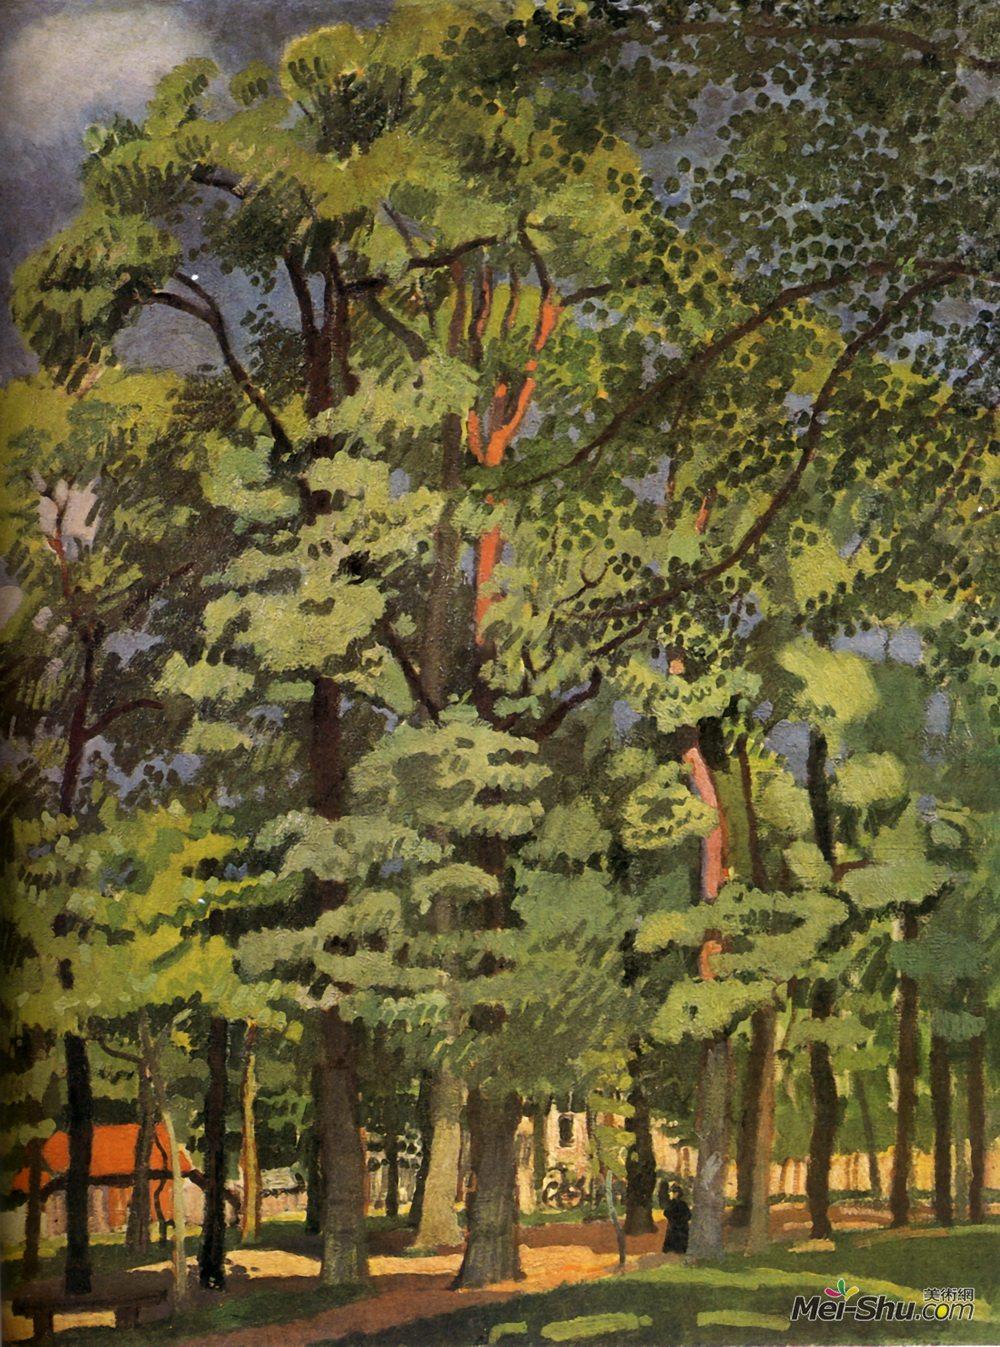 劳尔·杜飞(Raoul Dufy)高清作品《法莱斯景观》